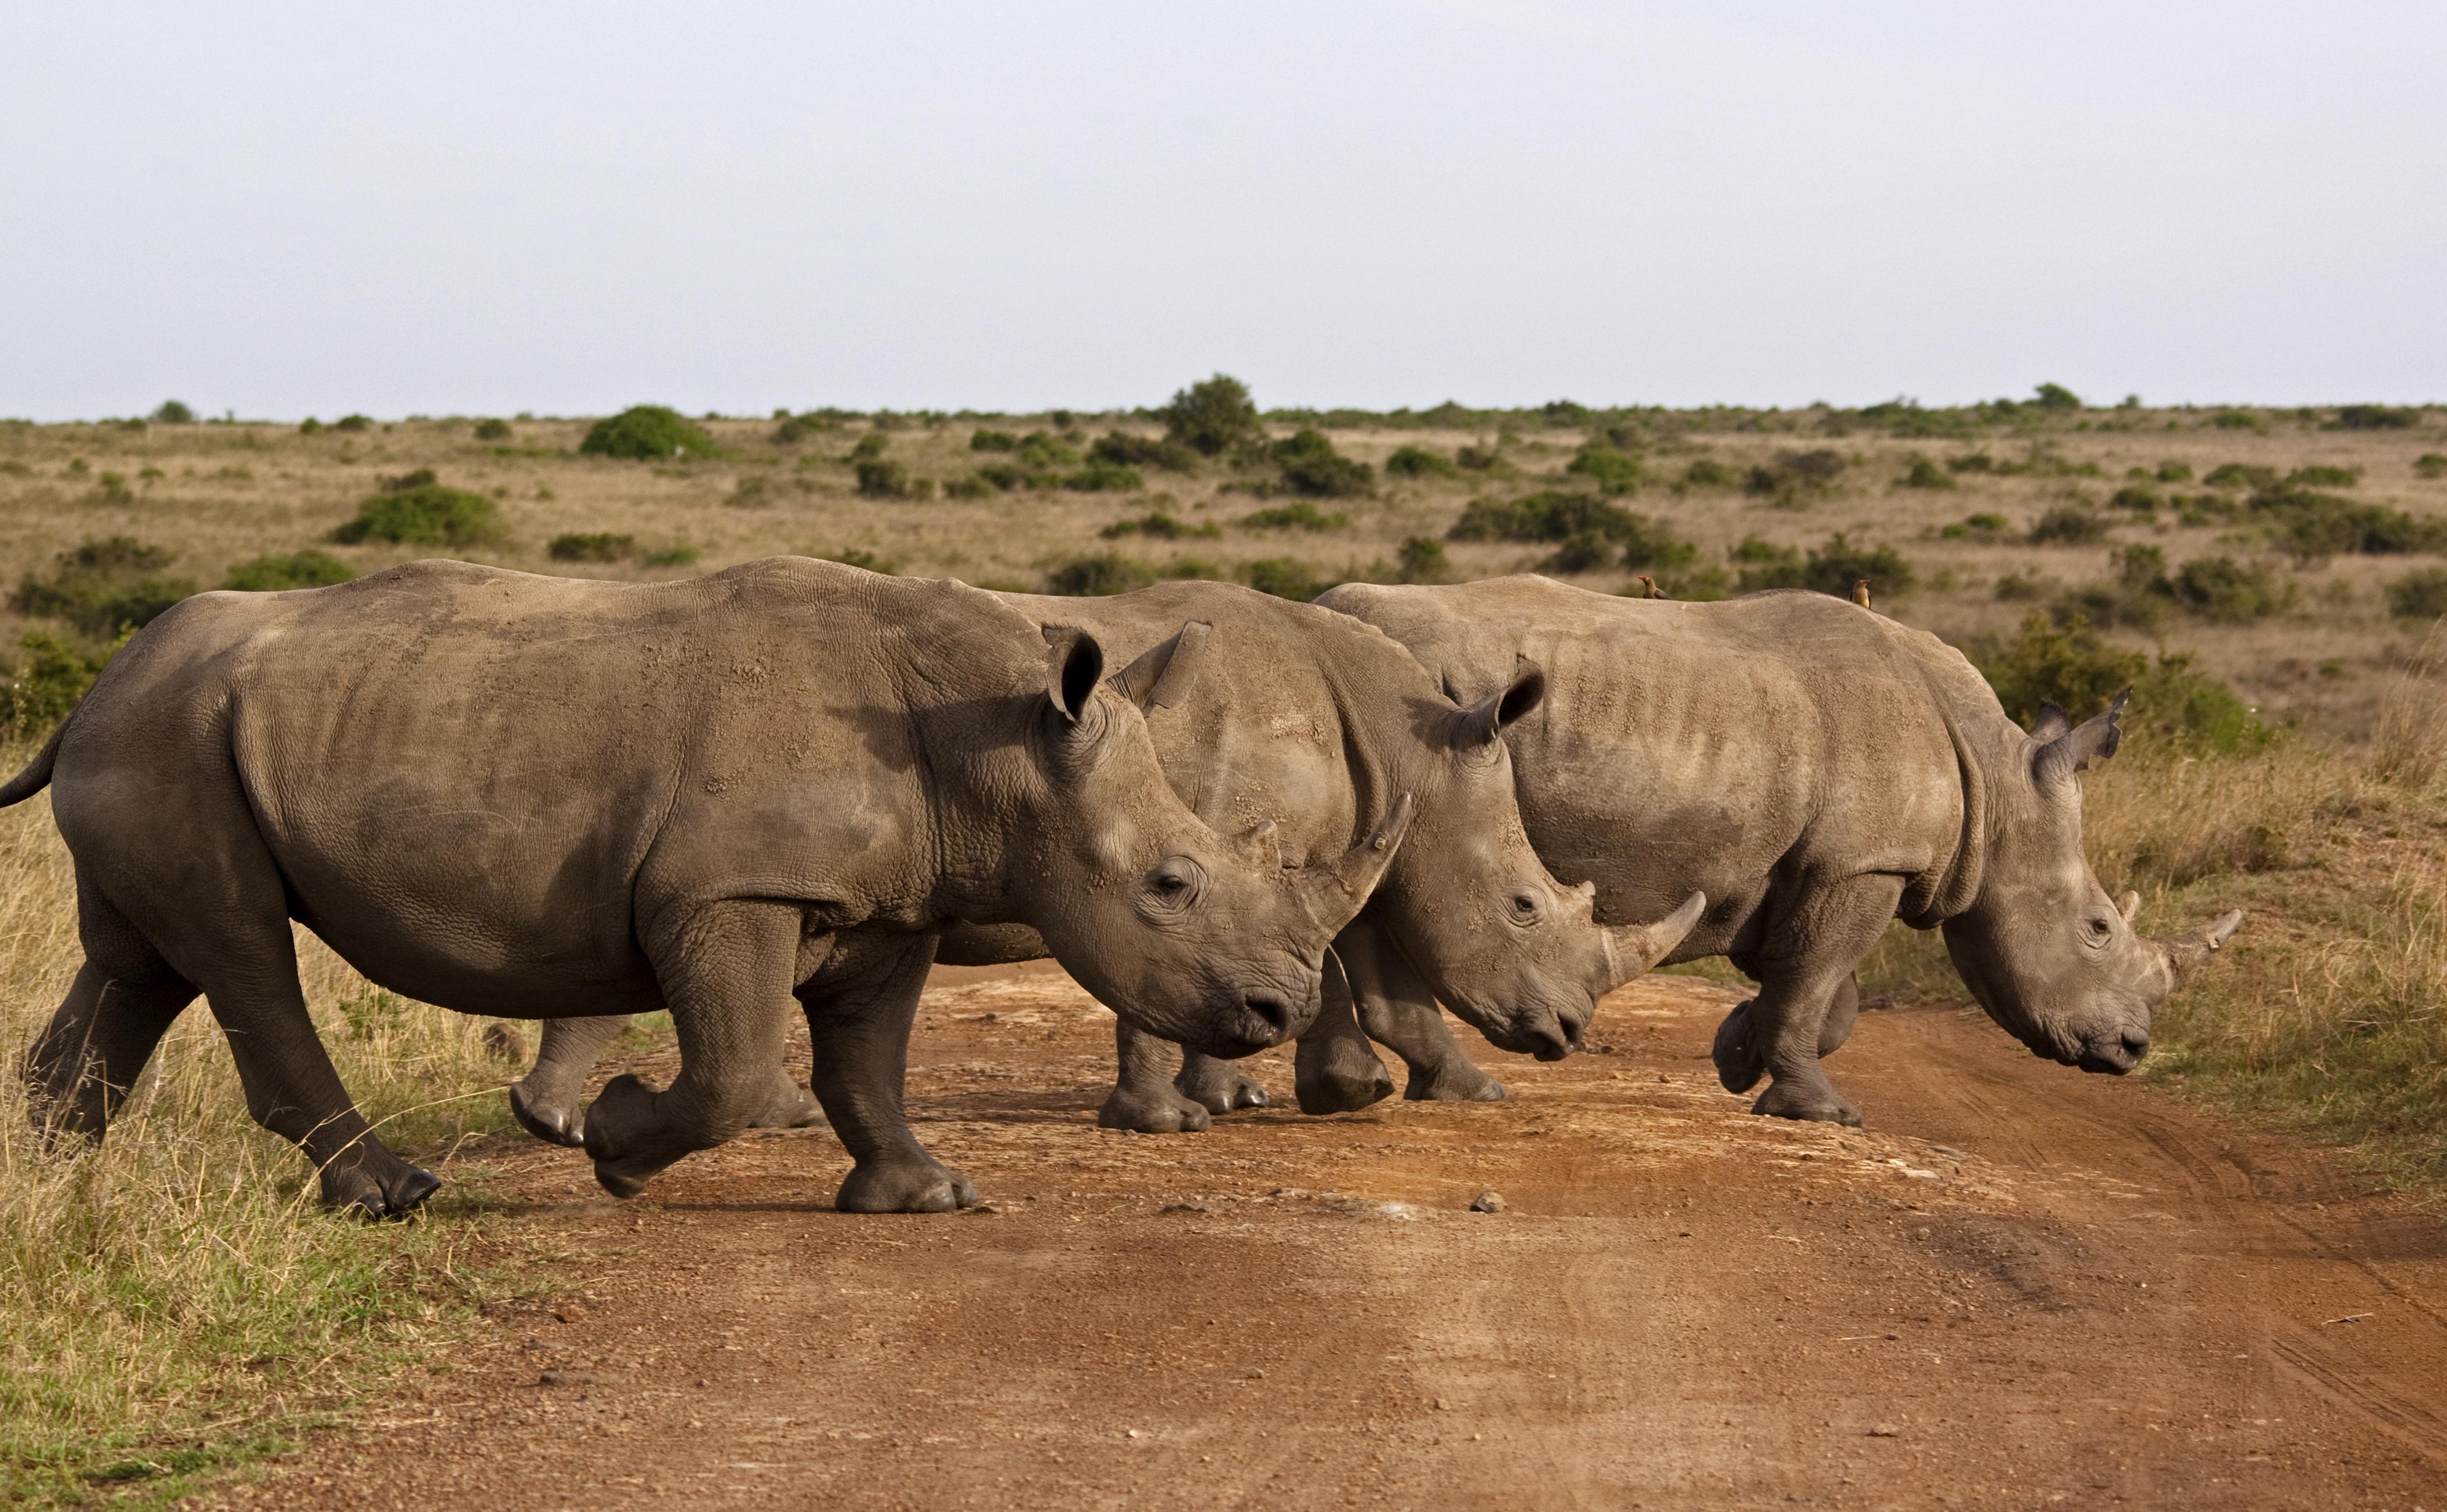 Visita el parque más antiguo de Kenia - Kenia Safari Safari en Kenia: Reserva Nacional Shaba